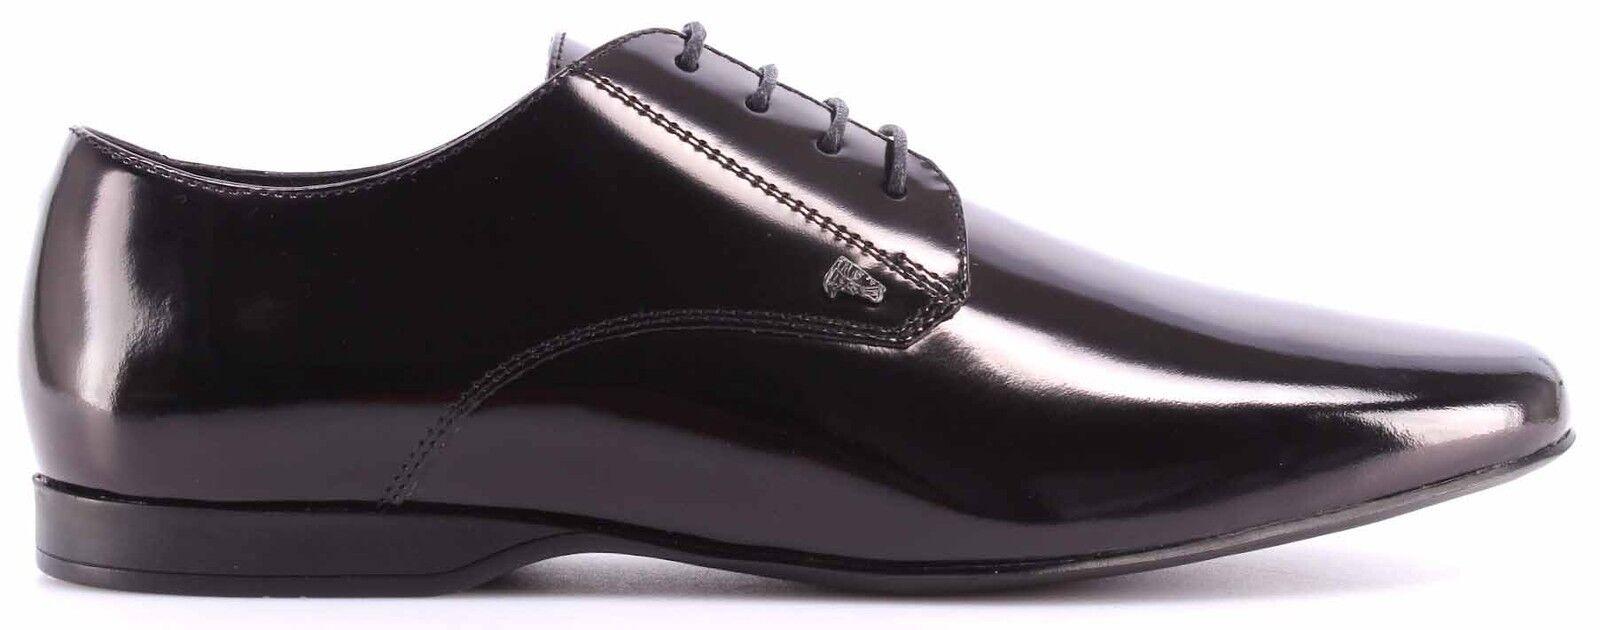 Los últimos zapatos de descuento para hombres y mujeres Scarpe Classiche Uomo VERSACE COLLECTION Pelle Nera Eleganti Stringhe Nuove